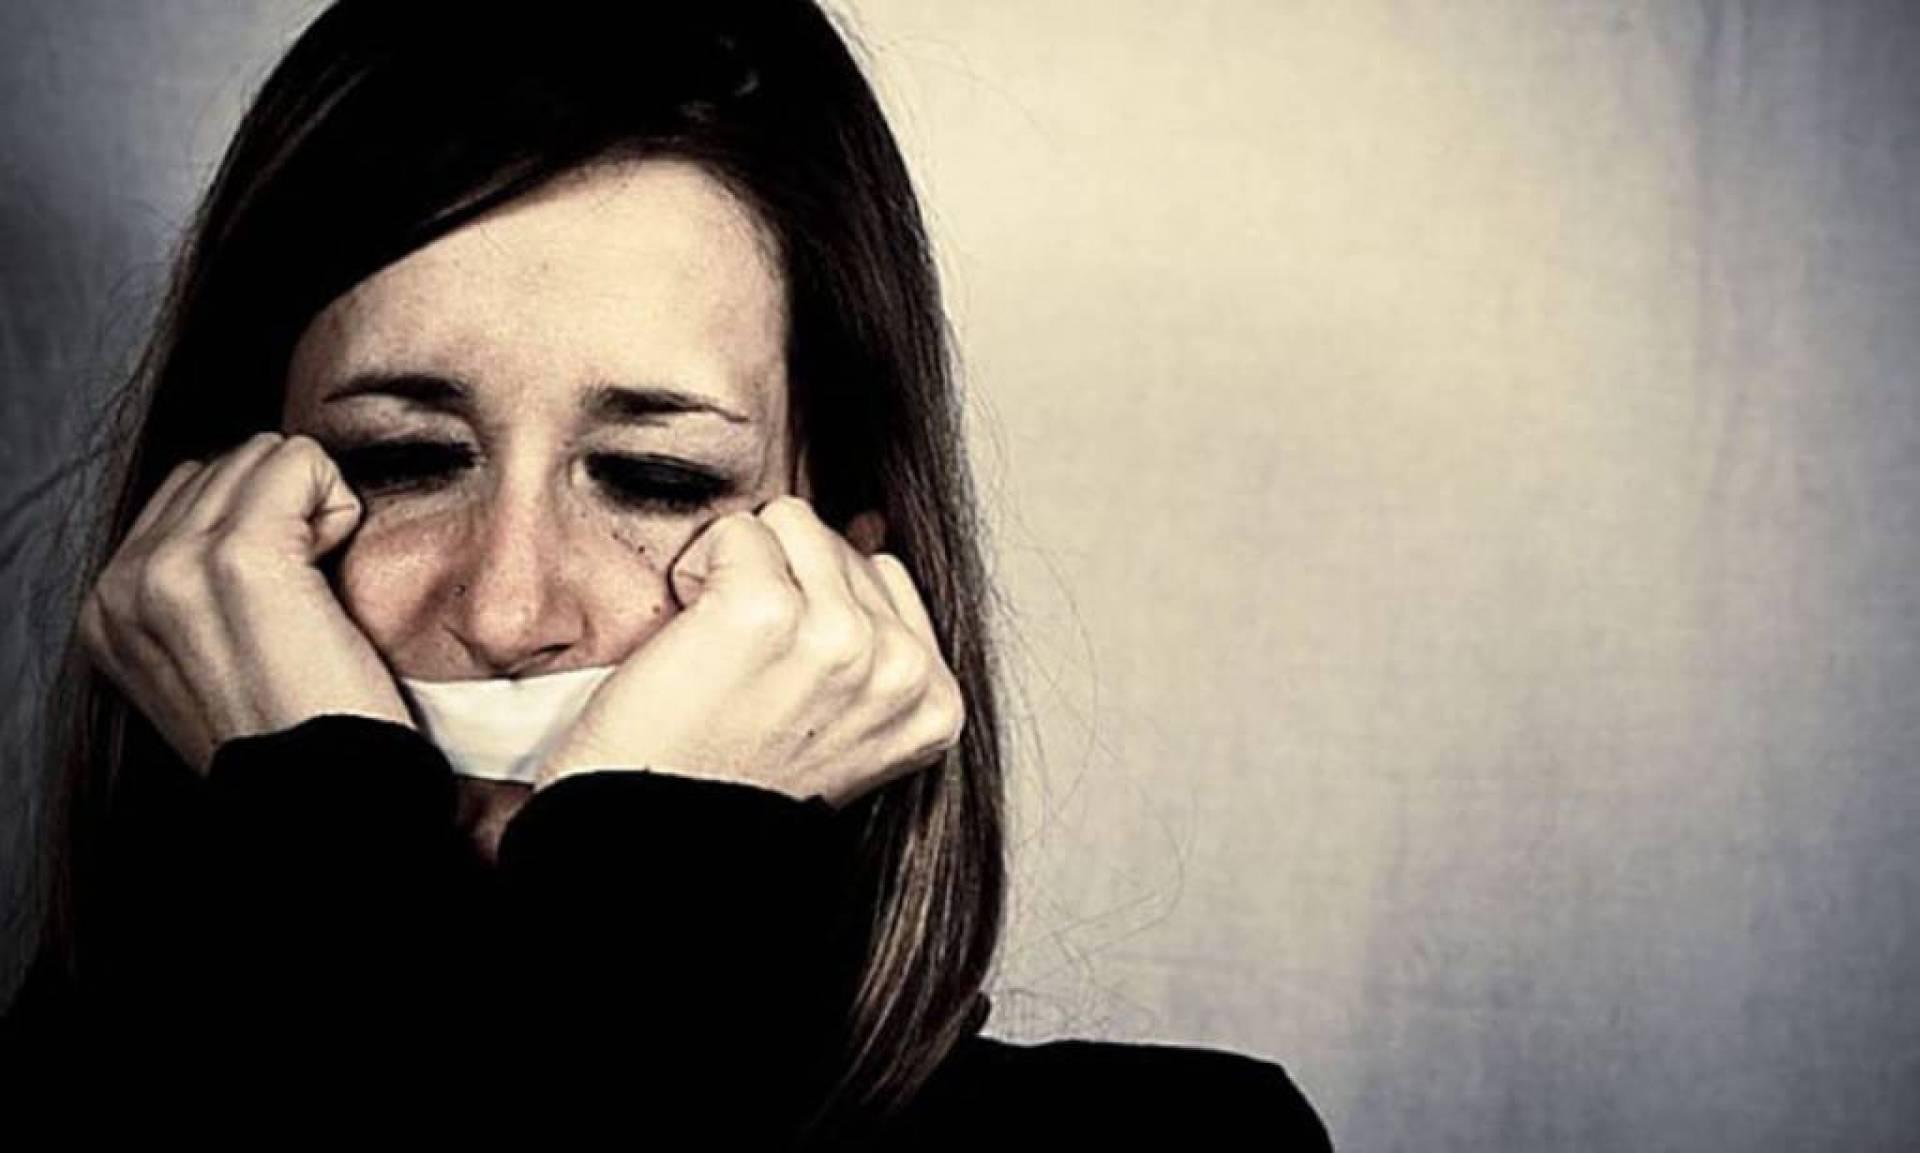 فضيحة تهز المغرب بالفيديو - شباب يحاولون اغتصاب فتاة داخل حافلة في وضح النهار... شاهدوا ما فعلوه بها   Laha Magazine